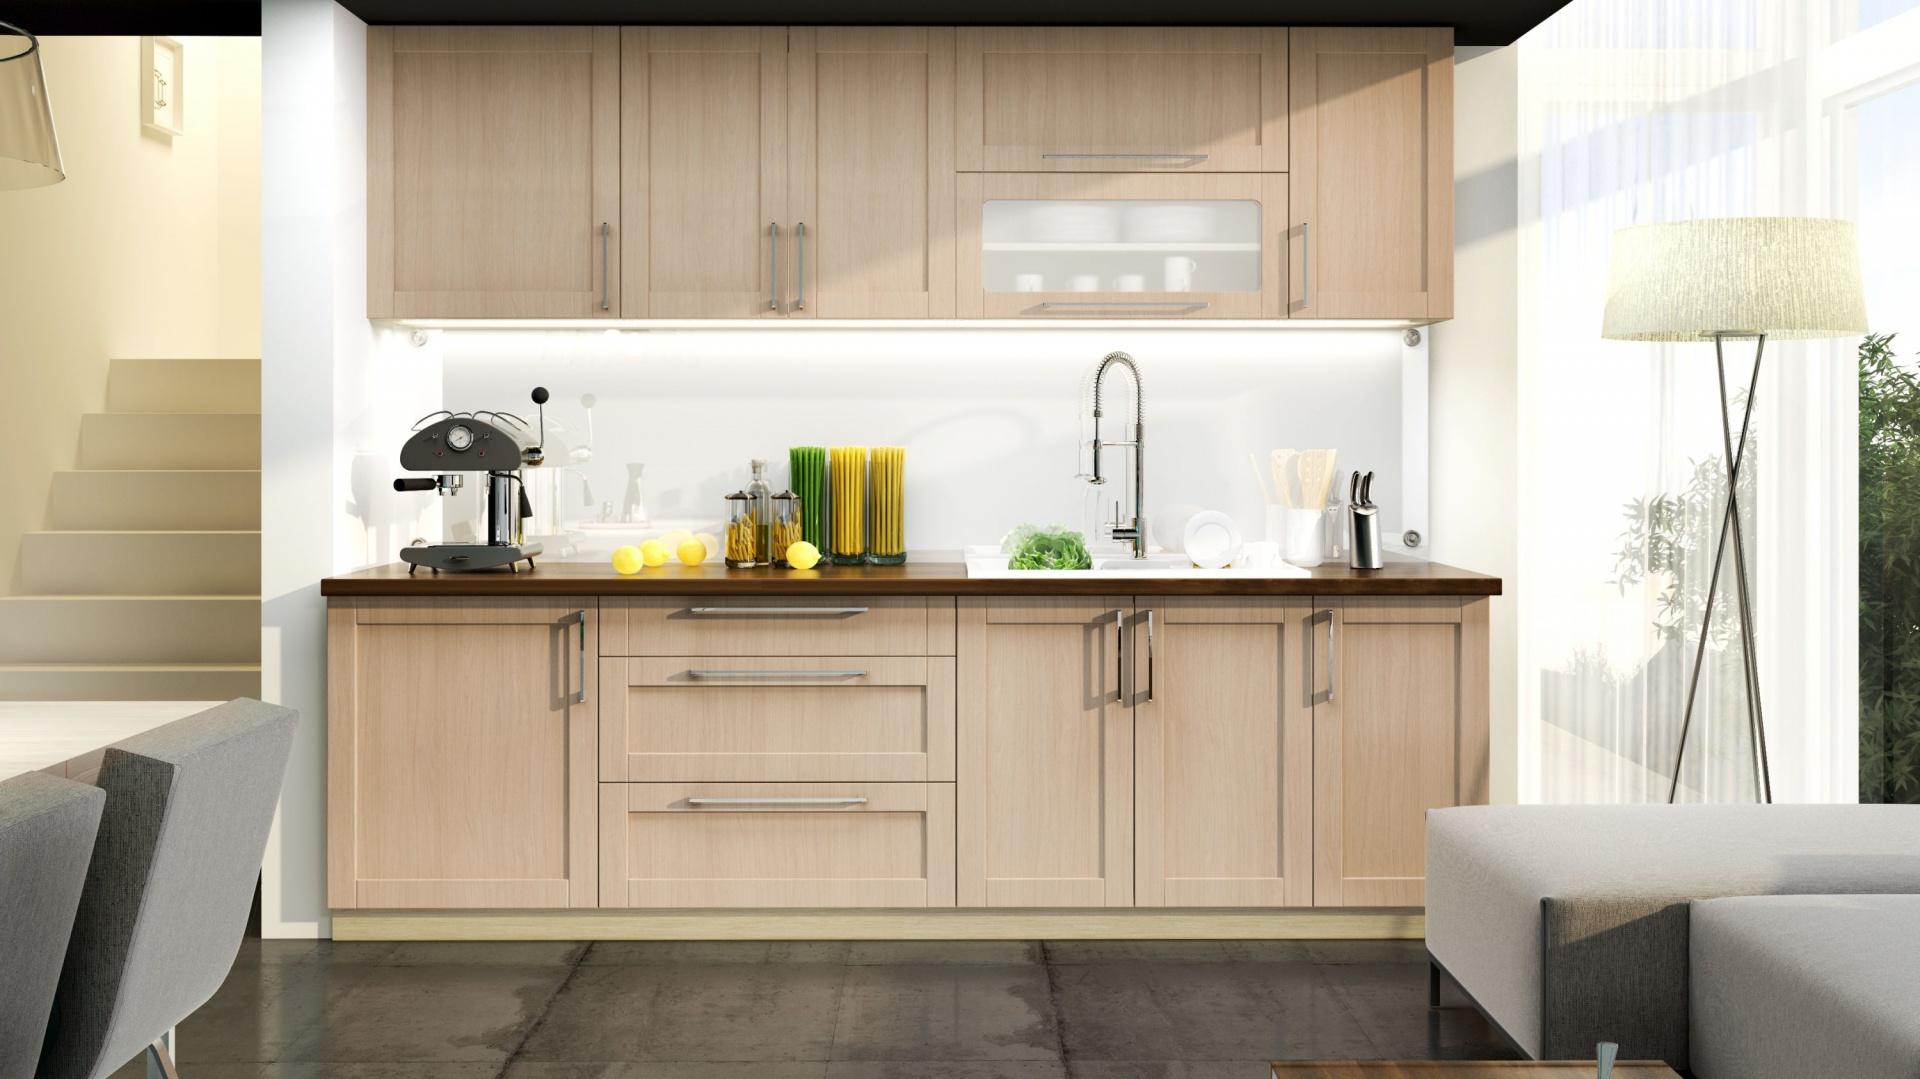 Zabudowa na jedną ścianę pozwoliła wpasować kuchnię w miejsce pomiędzy salonem a klatką schodową. Wysokie szafki górne, poprowadzone pod sam sufit wykorzystują maksimum dostępnej przestrzeni. Fot. Stolkar, model Karolina.